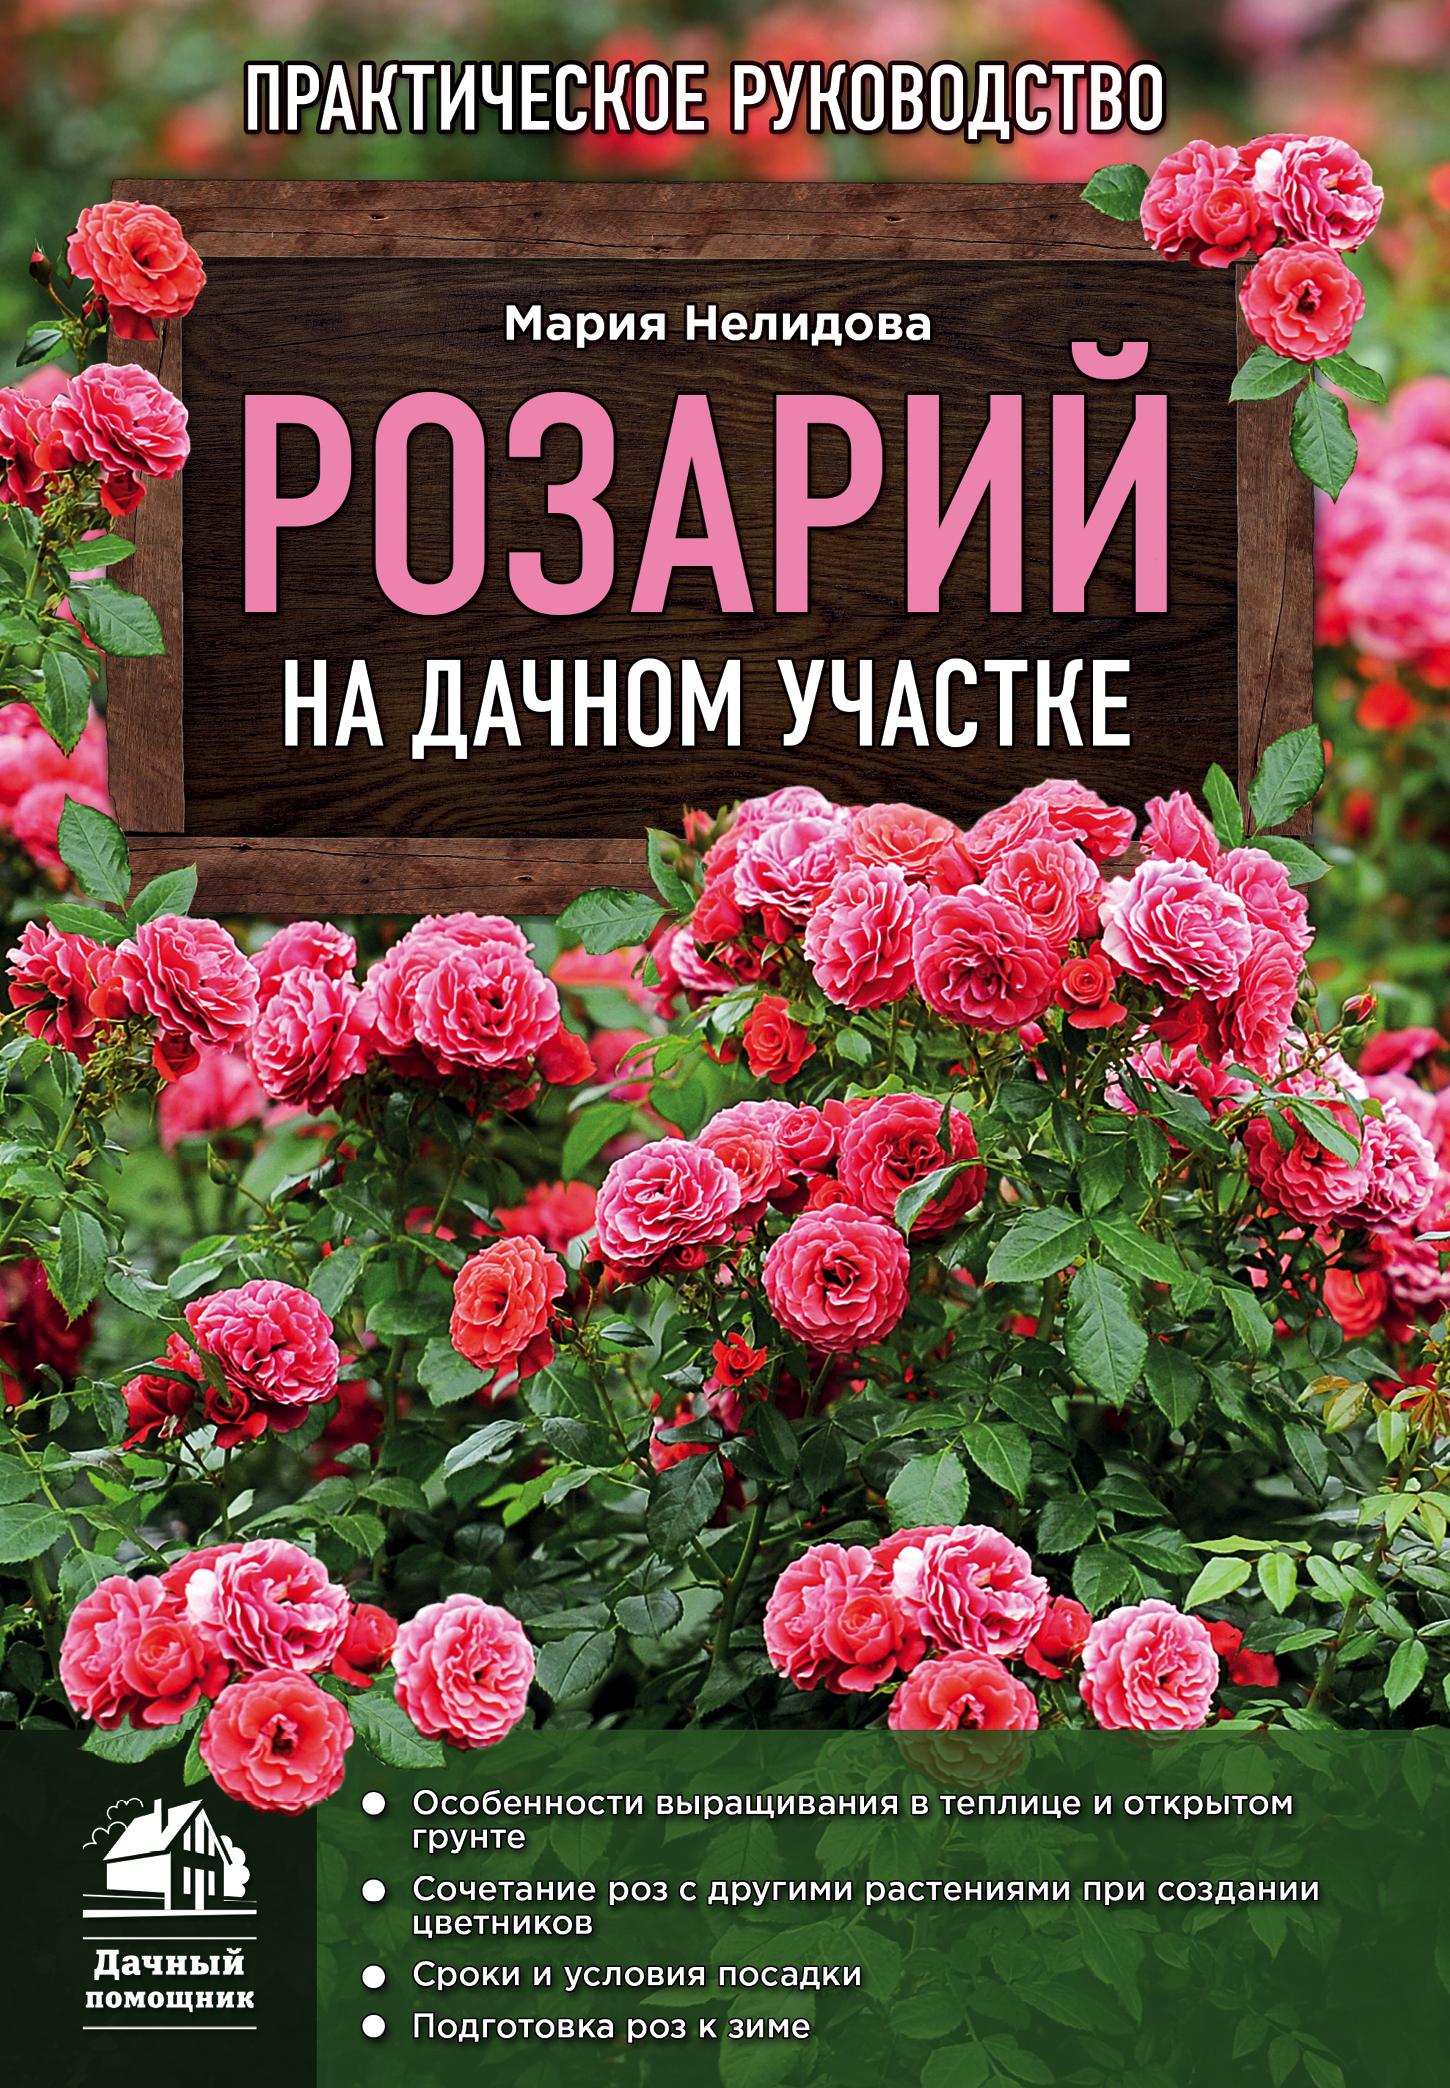 Мария Нелидова Розарий на дачном участке мария нелидова розарий на дачном участке